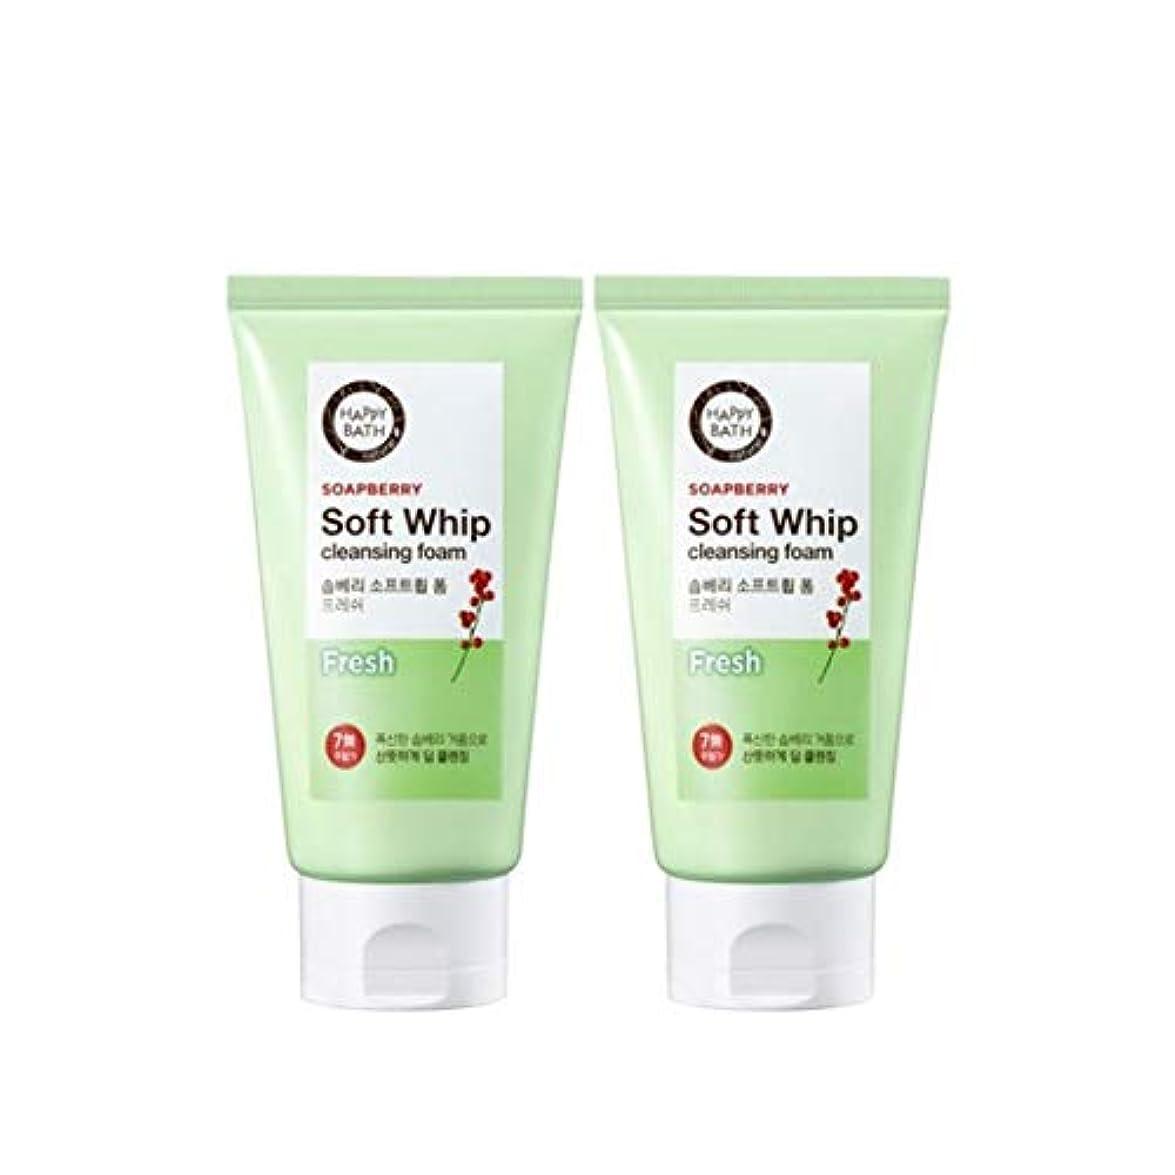 ライム遅らせるファックスハッピーバスソープベリーソフトホイップフレッシュクレンジングフォーム150gx2本セット韓国コスメ、Happy Bath Soapberry Soft Whip Fresh Cleansing Foam 150g x 2ea...